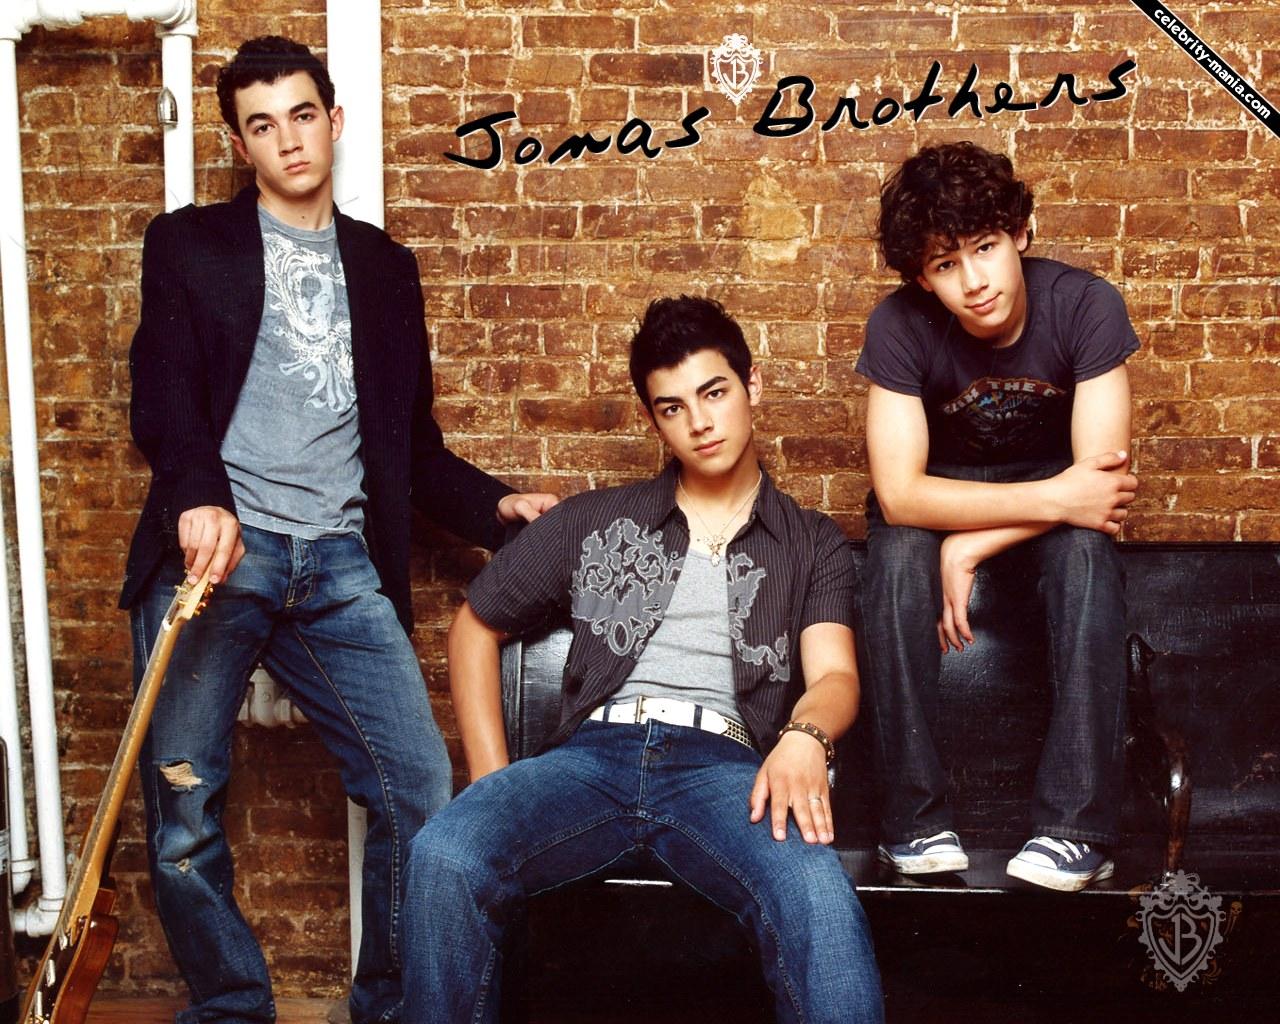 Jonas brothers - Jonas brothers blogspot ...